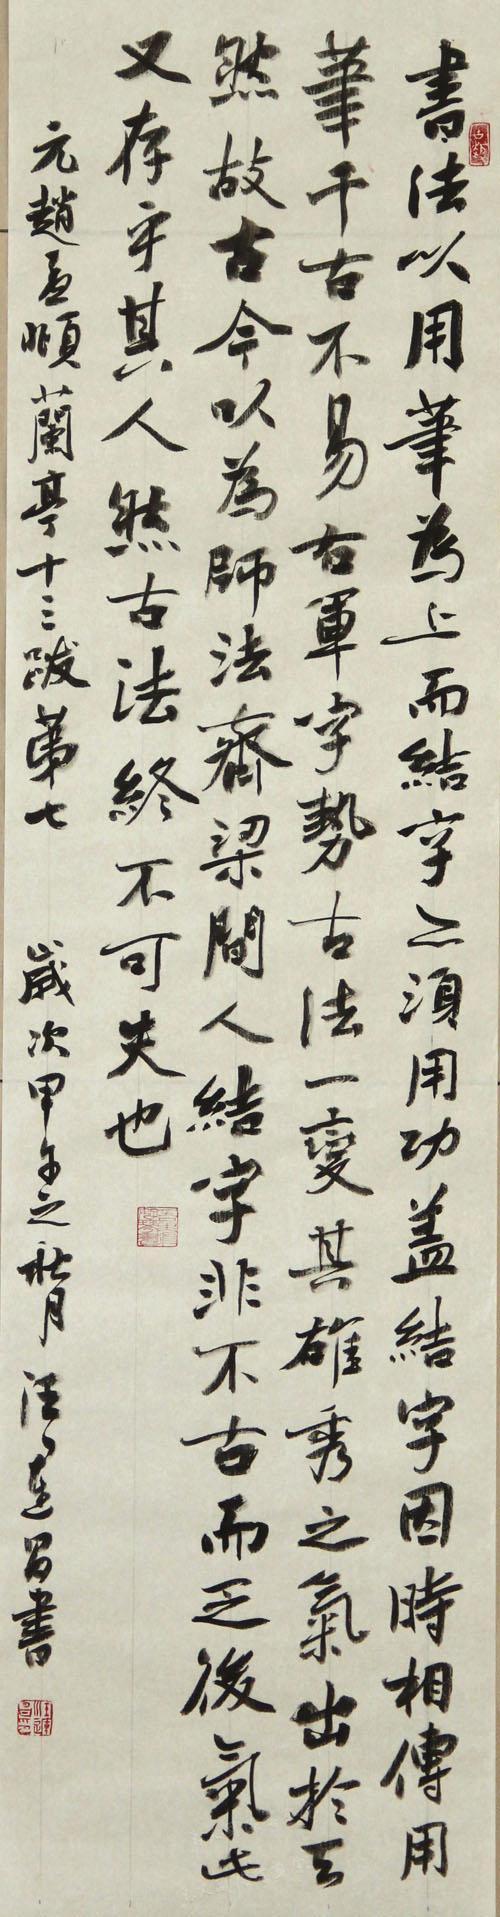 行楷书赵孟頫论书条幅137x35cm2014